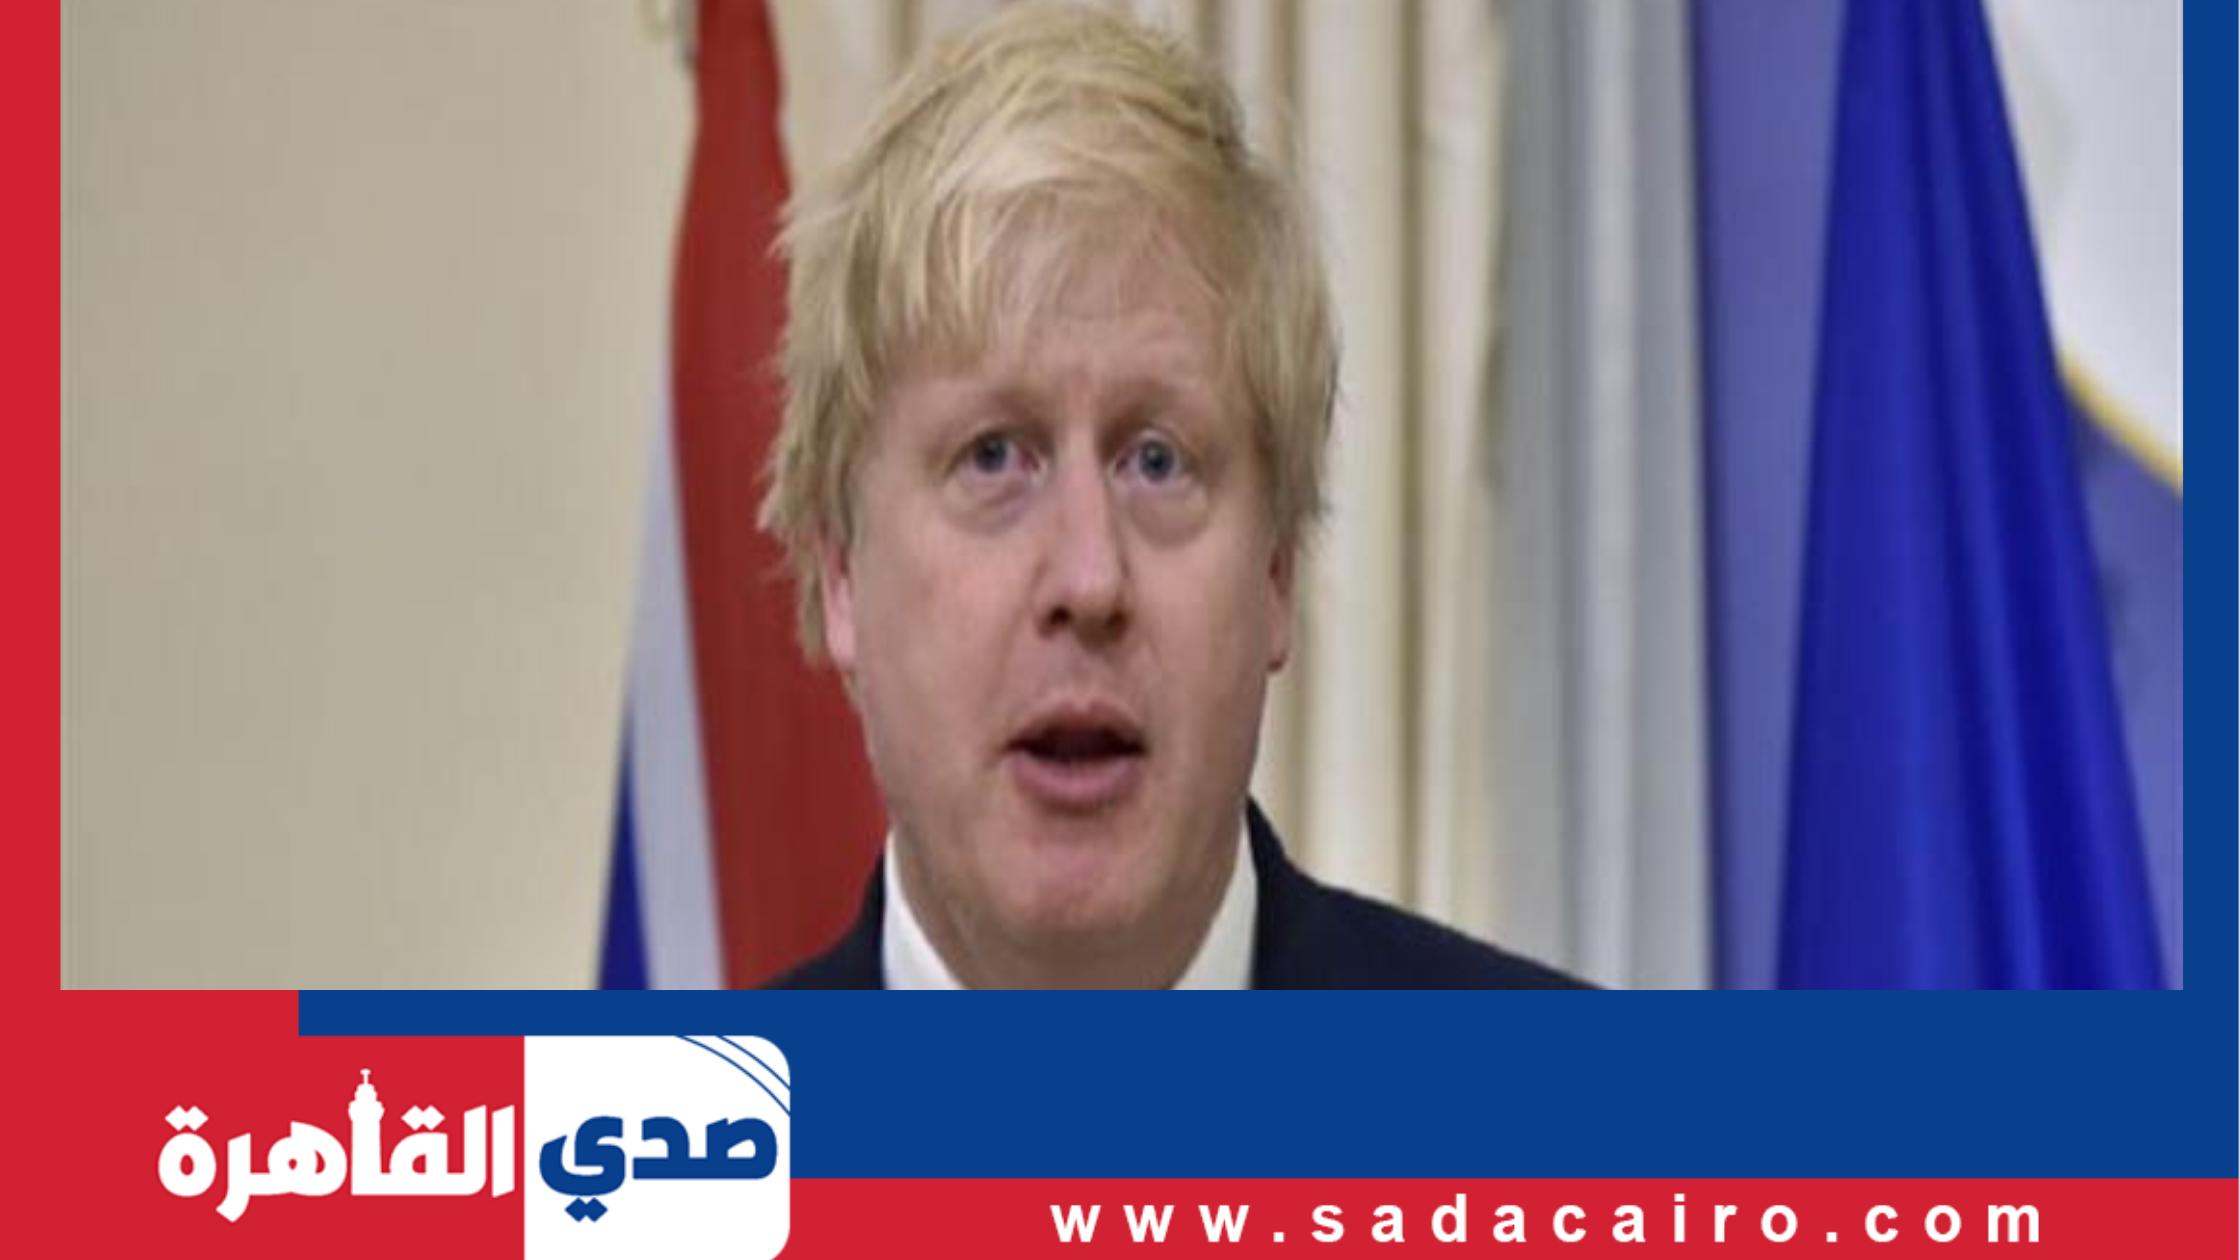 رئيس الوزراء البريطاني ينوي رفع إجراءات الحجر الصحي في هذا الموعد